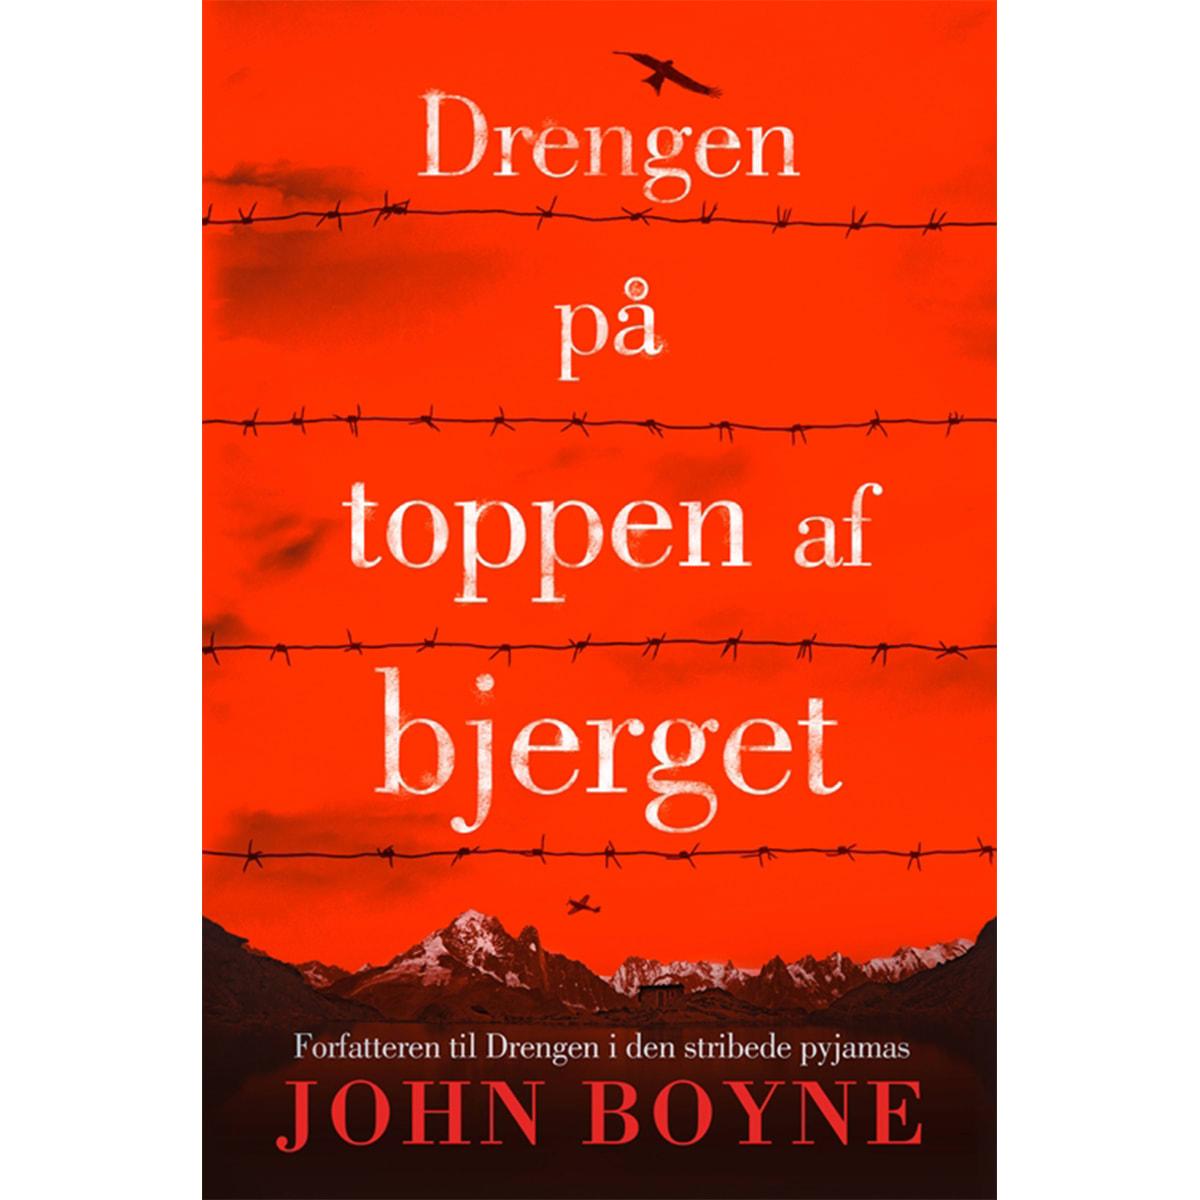 Af John Boyne